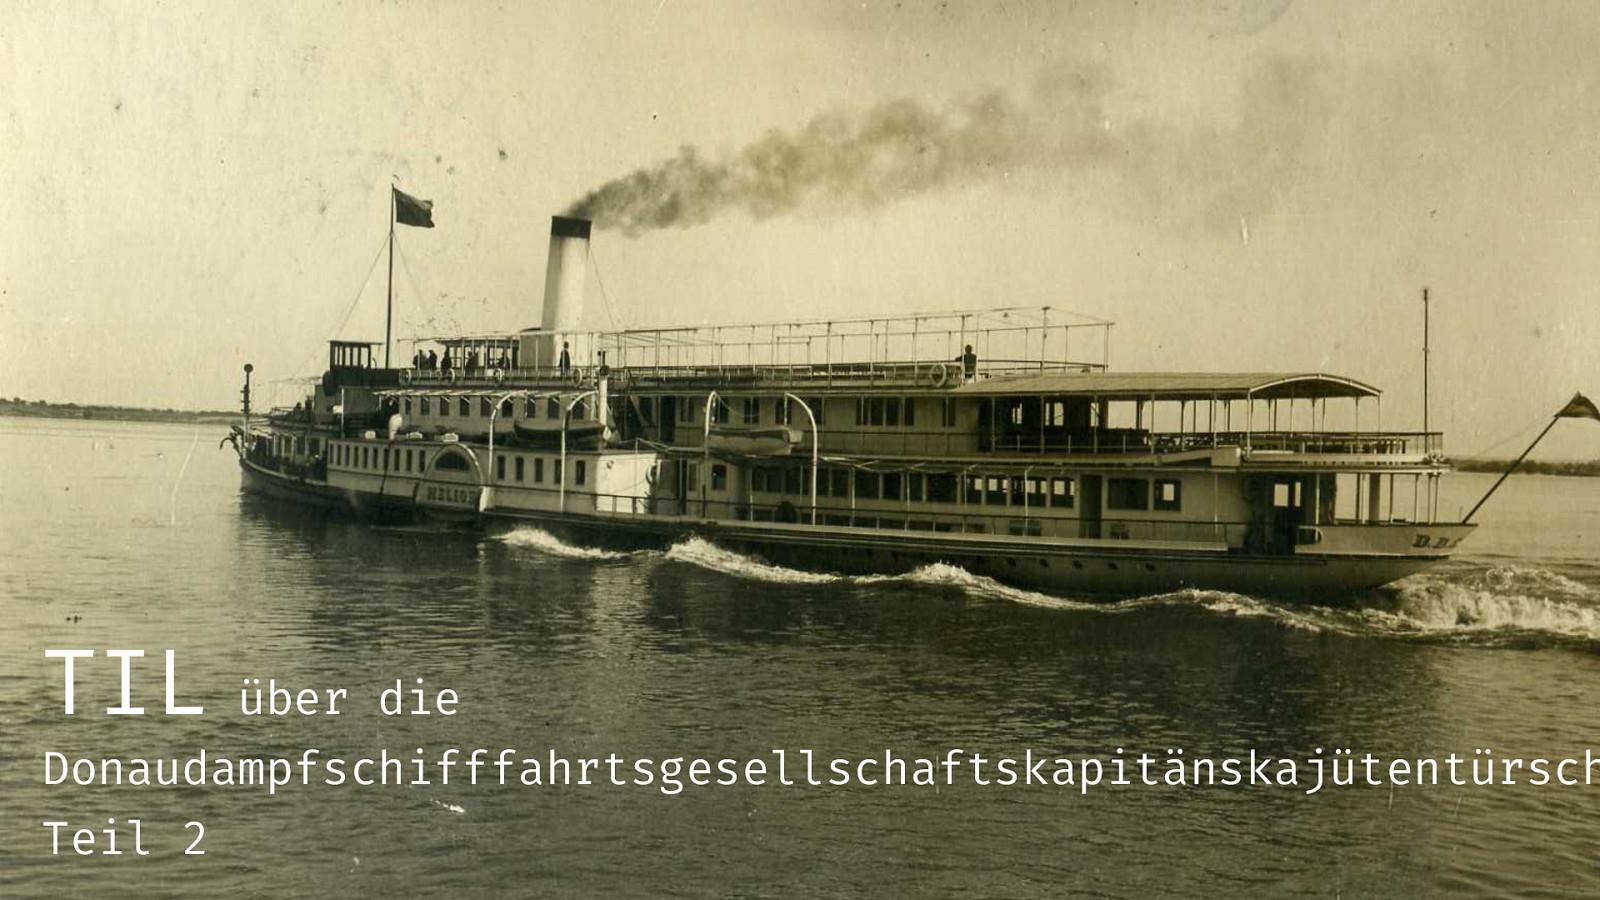 TIL über die Donaudampfschifffahrtsgesellschaftskapitänskajütentürschwelle, Teil2